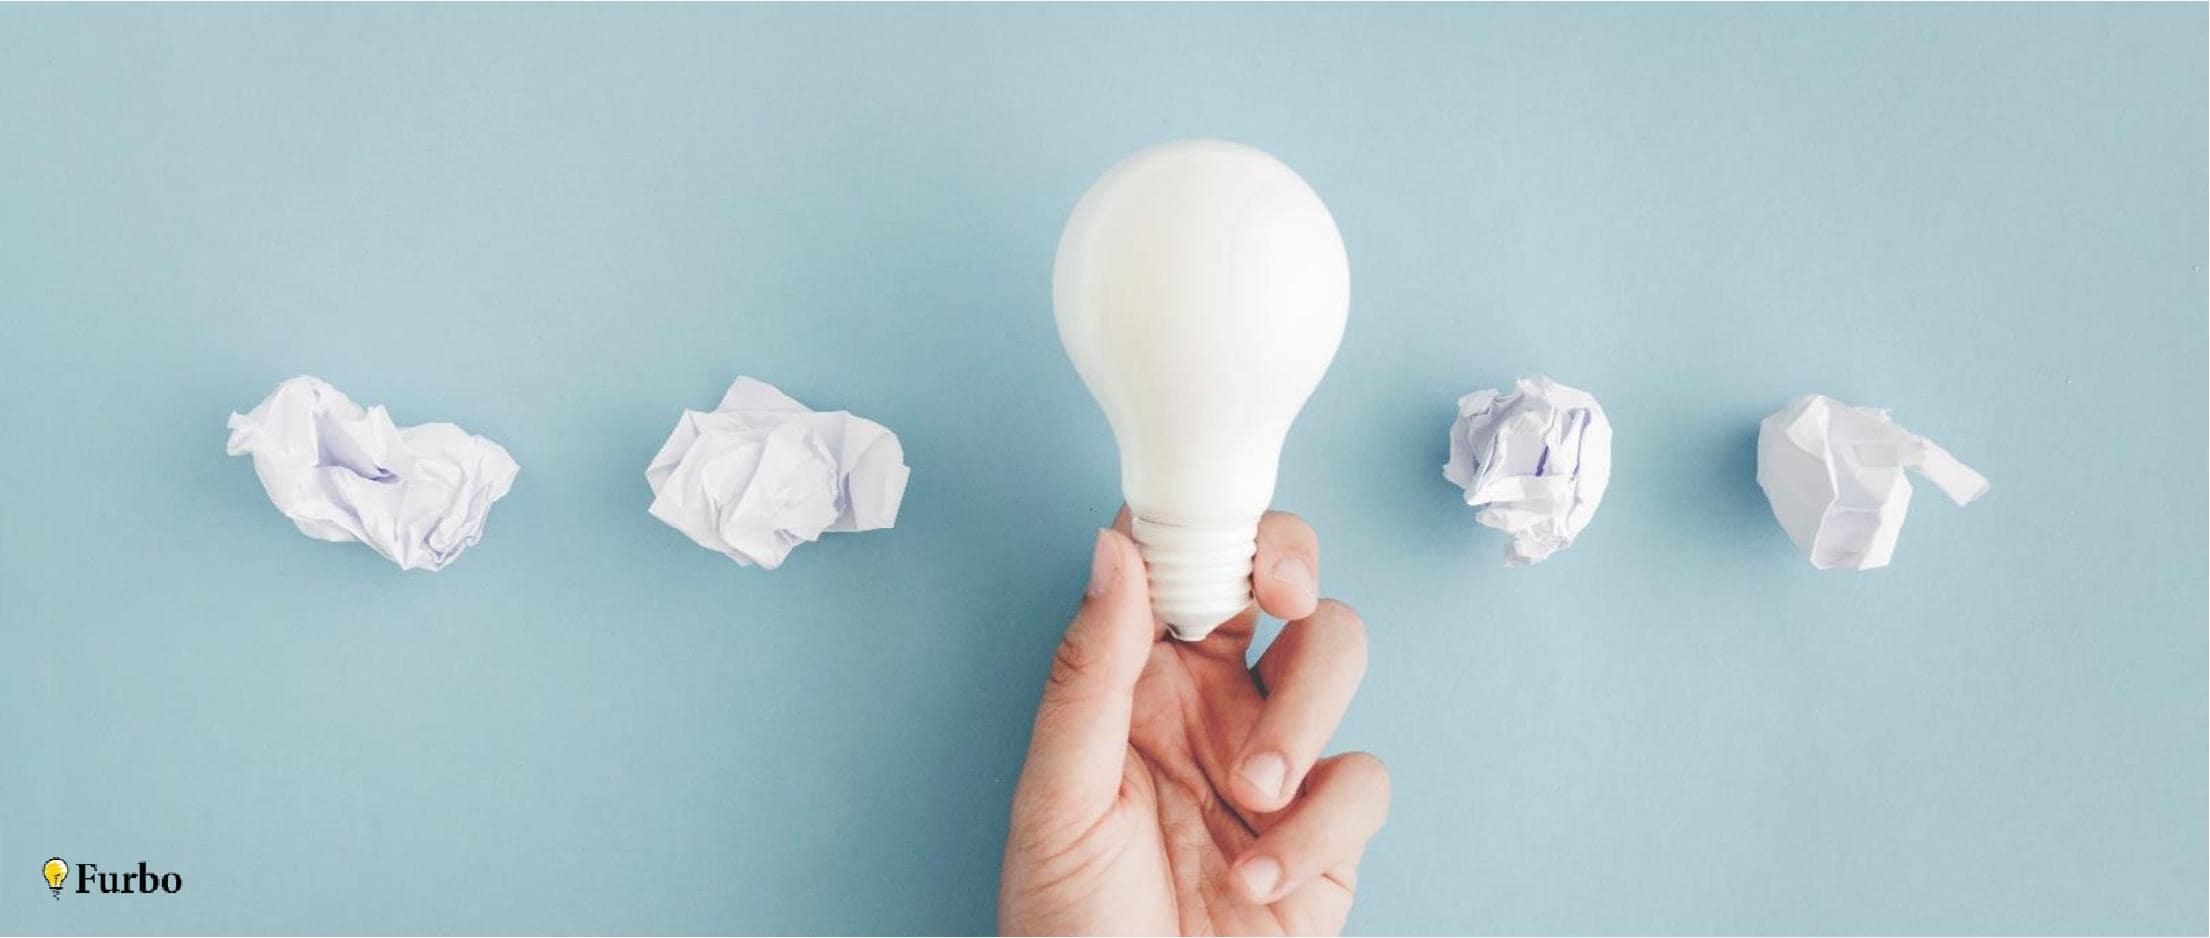 راهنمای انتخاب بهترین اسم کسب و کار اینترنتی